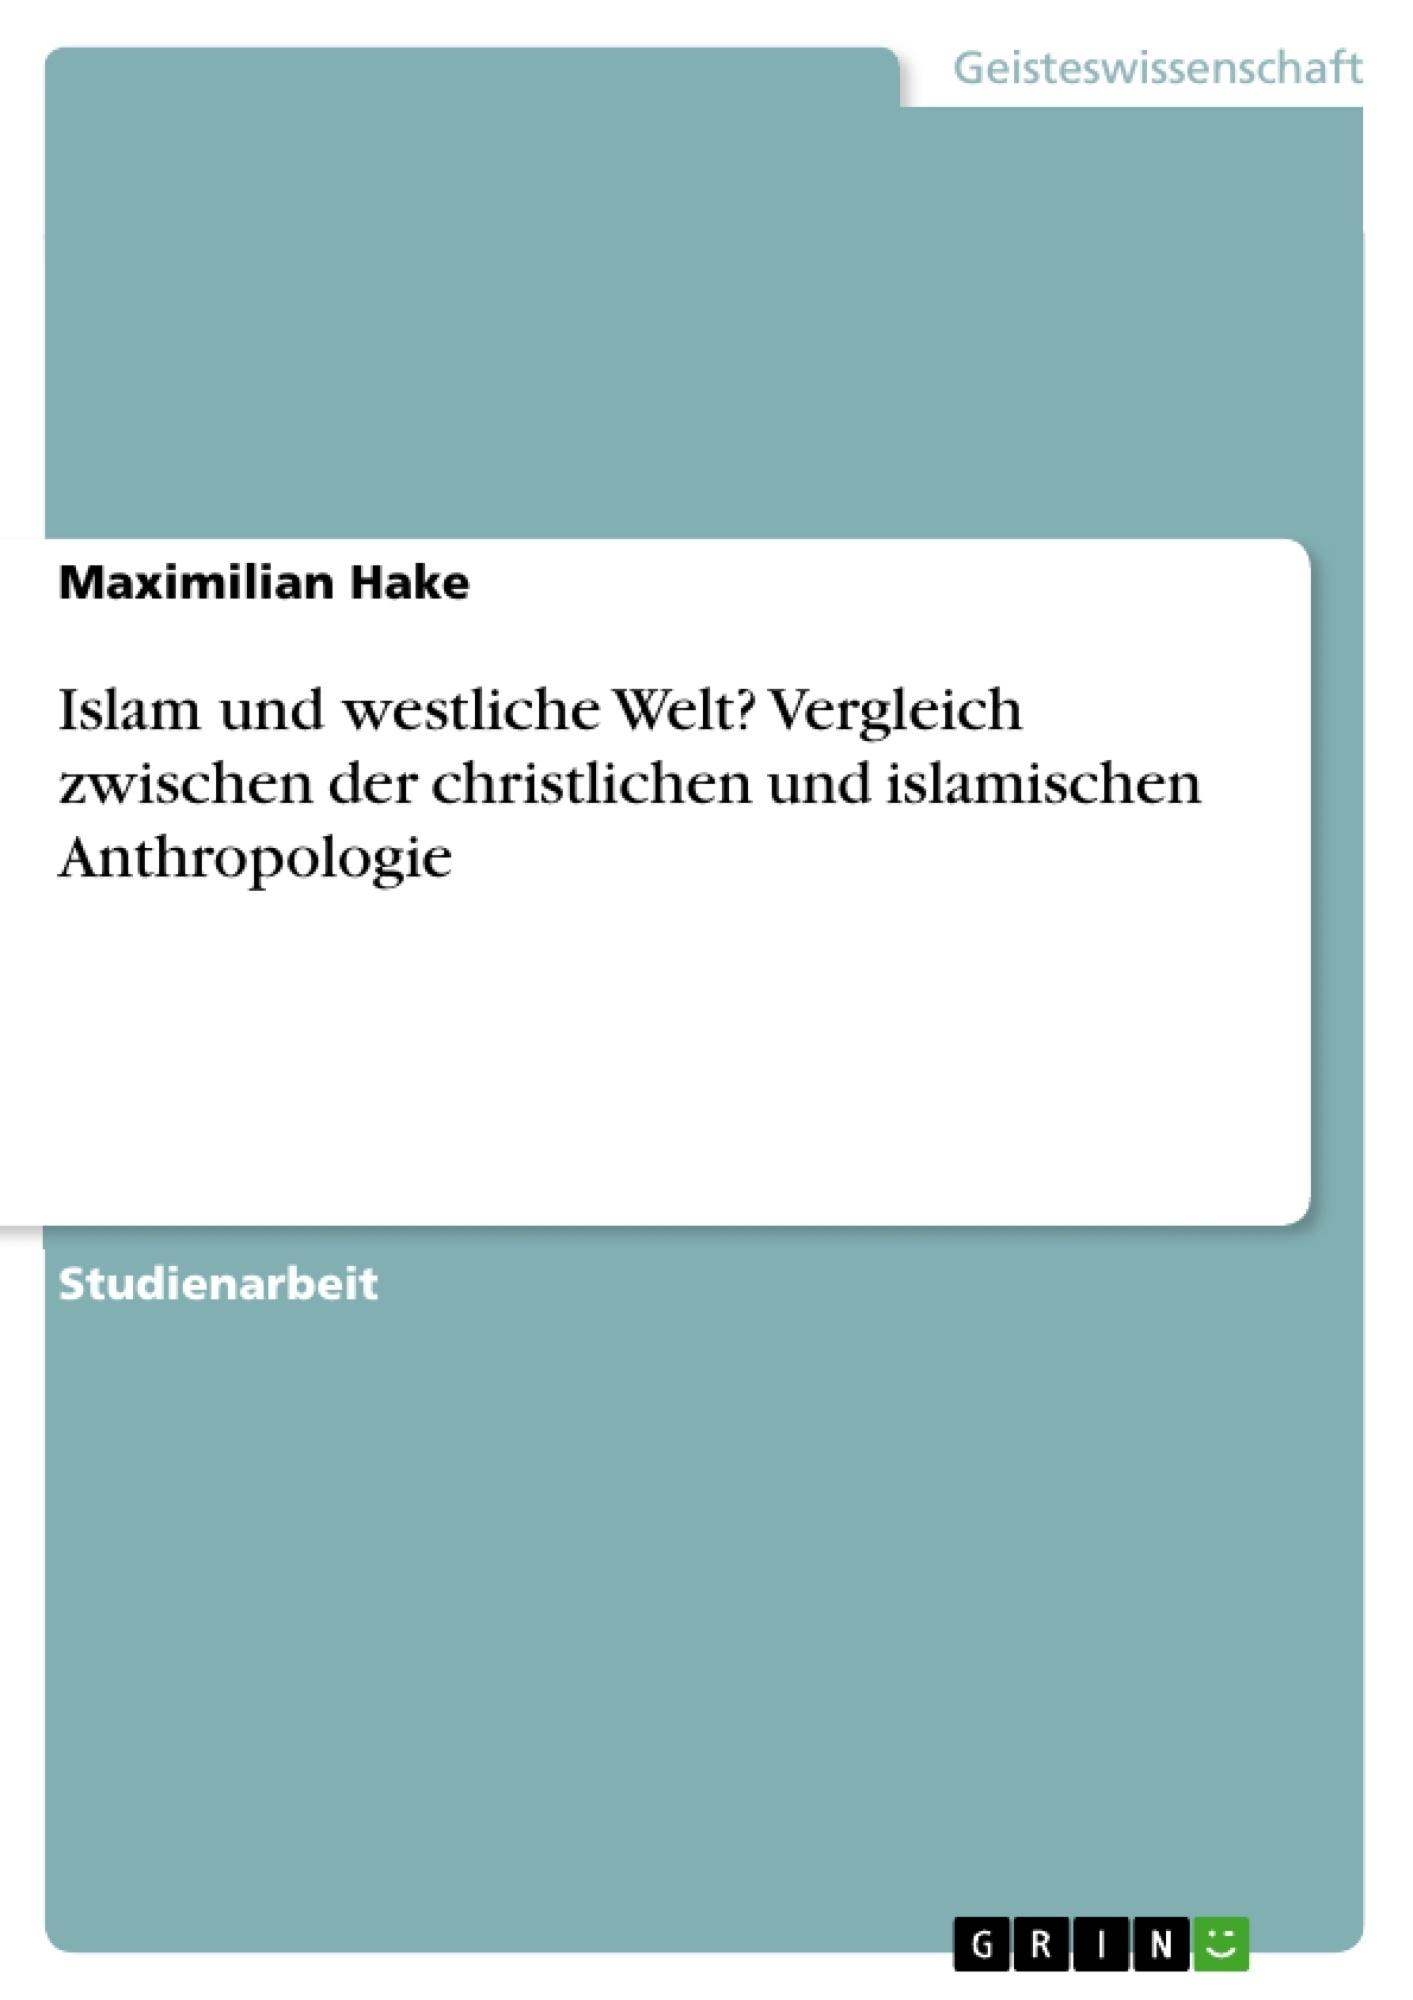 Titel: Islam und westliche Welt? Vergleich zwischen der christlichen und islamischen Anthropologie